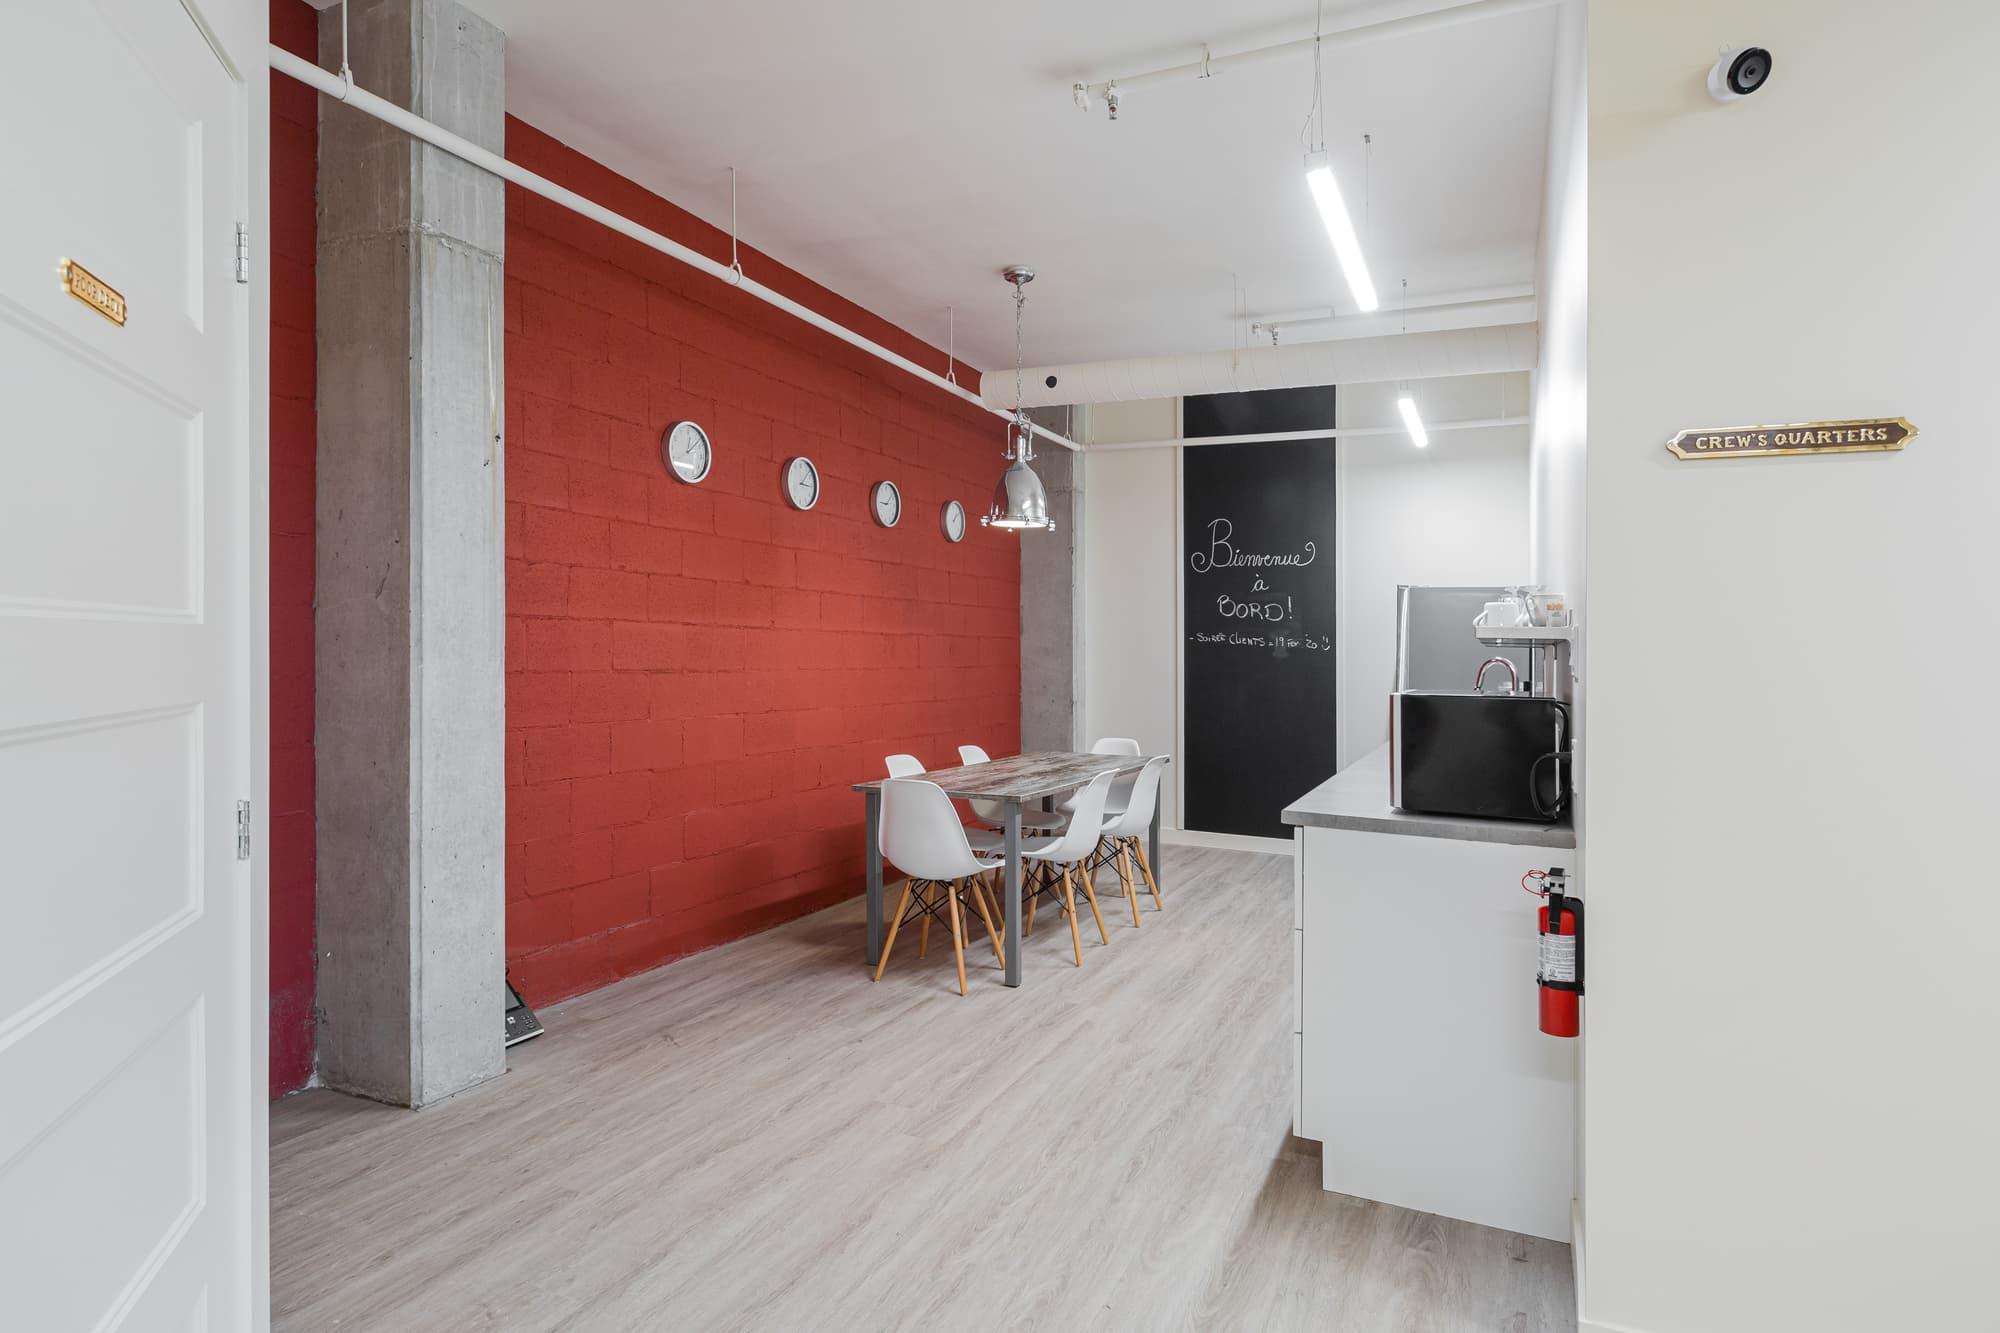 salle de pause pour employés avec mur rouge et hublots, table et chaises, comptoir, tableau noir, etc.